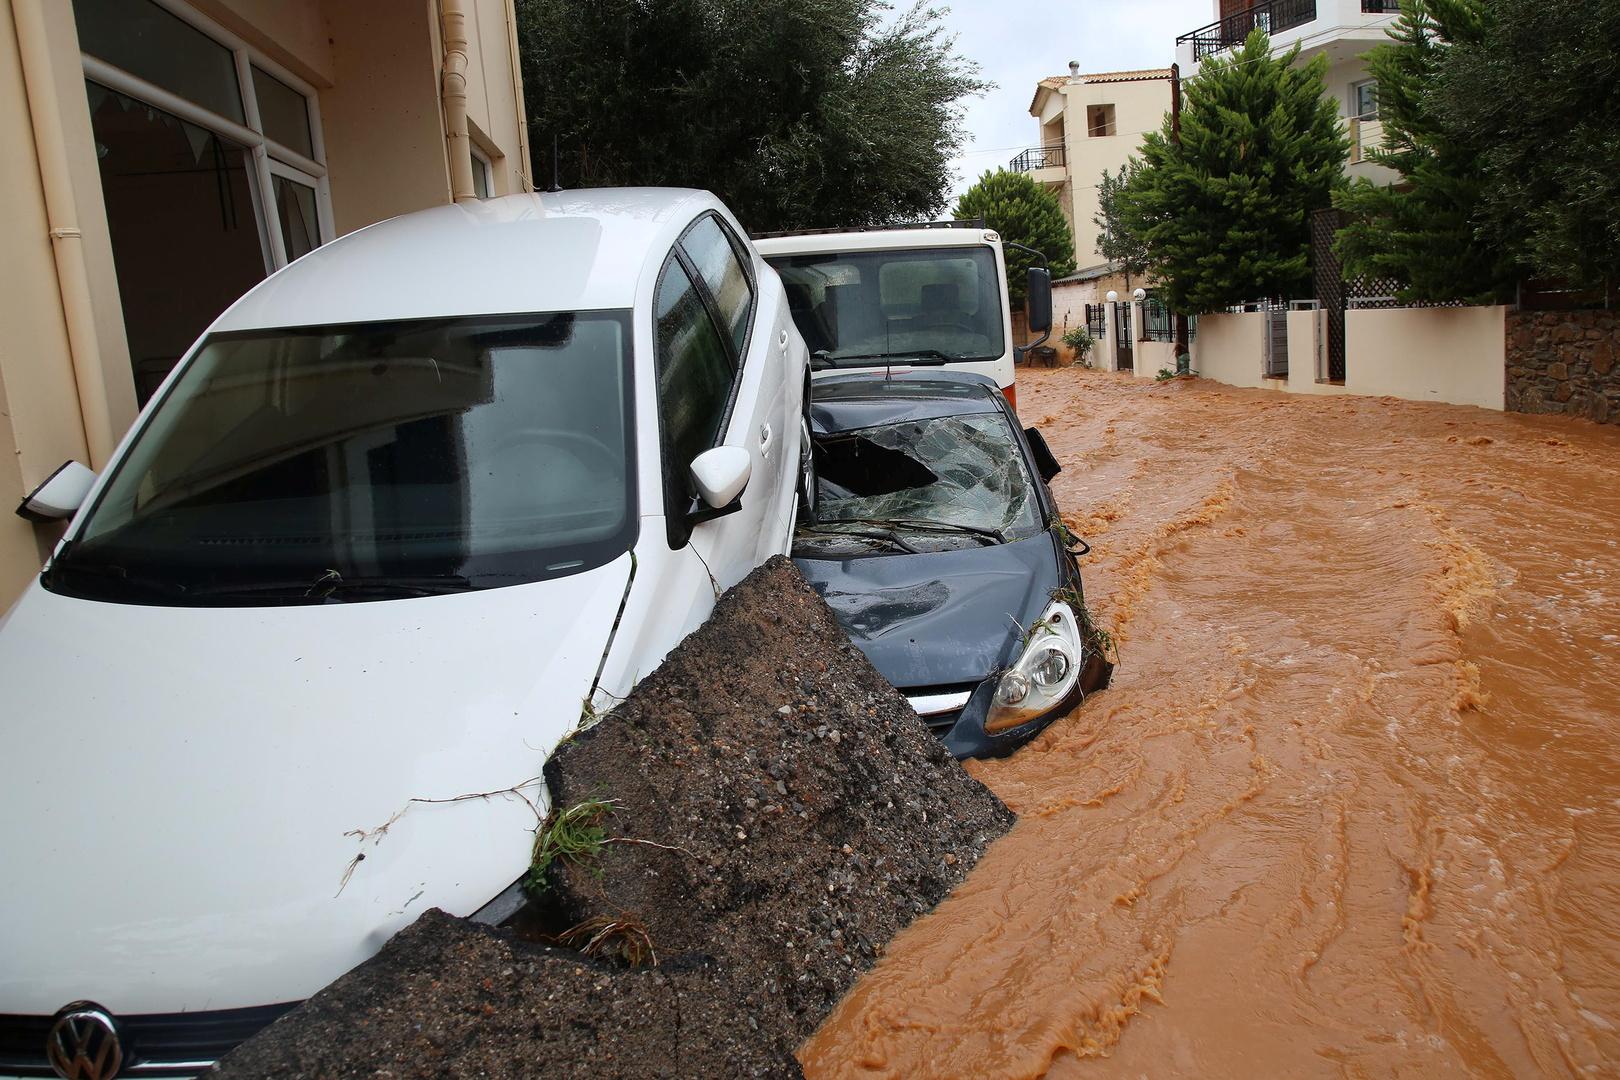 عاصفة تضرب جزيرة يونانية عانت من حرائق وأوامر بعمليات إجلاء